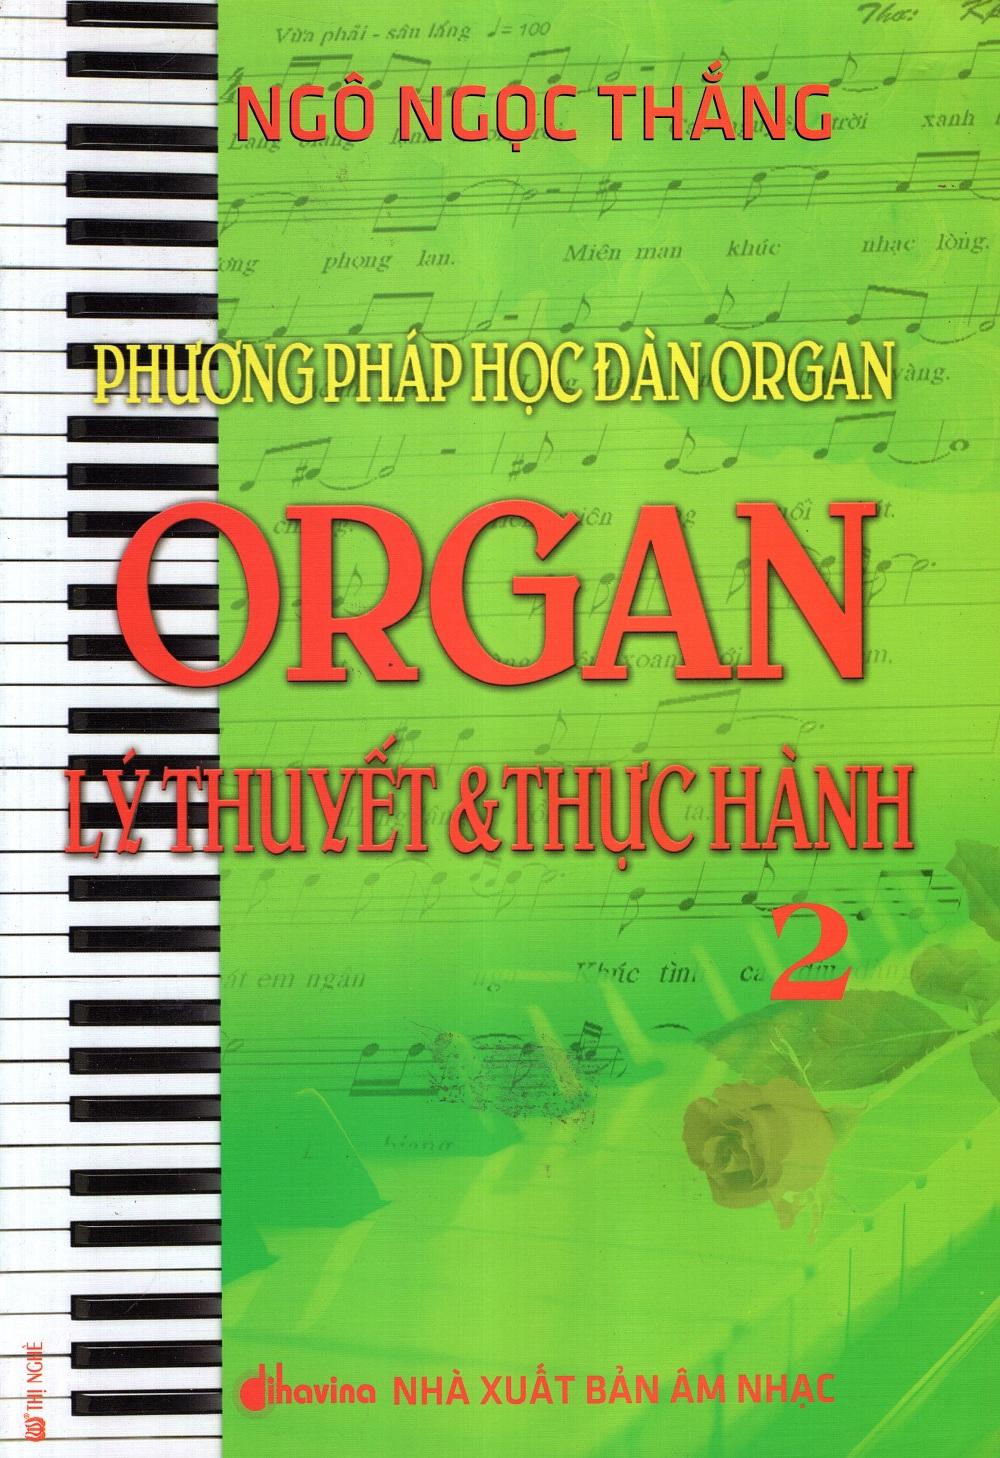 Bìa sách Phương Pháp Học Đàn Organ - Organ Lý Thuyết  Thực Hành (Tập 2)